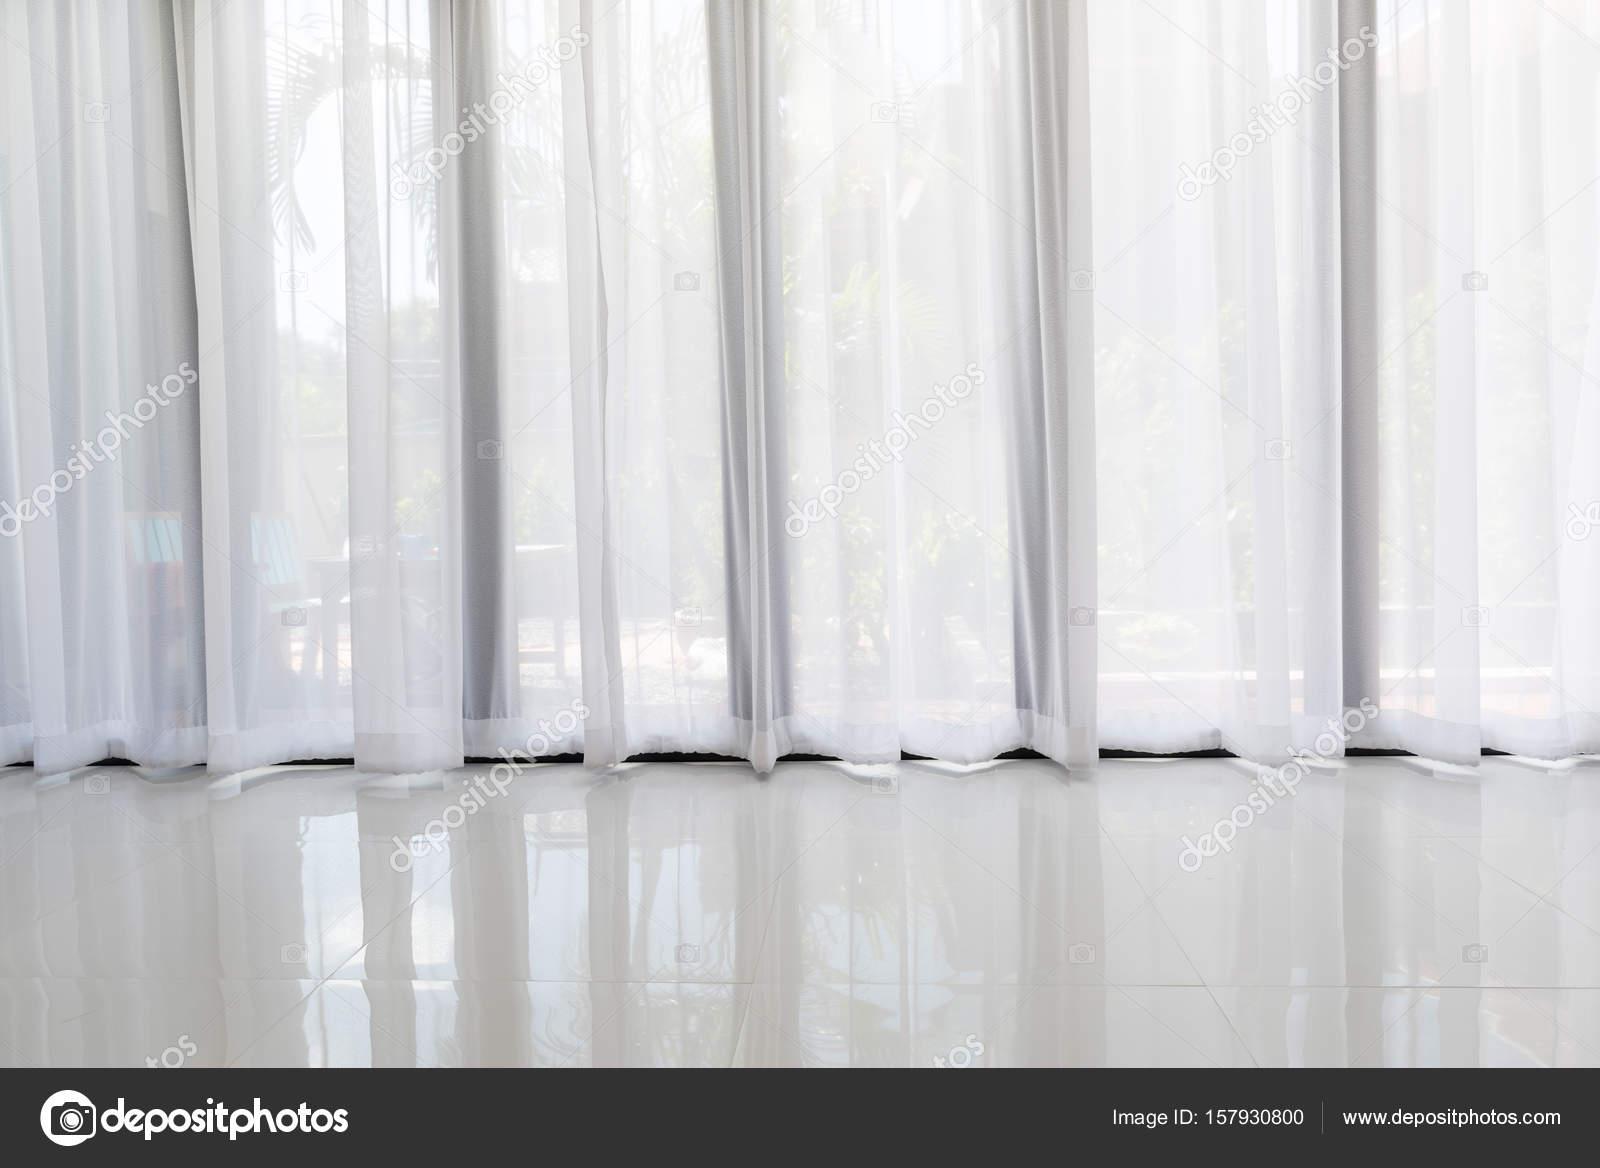 Moderne Wohnzimmer Interieur mit weichen weißen Vorhang Hintergrund ...